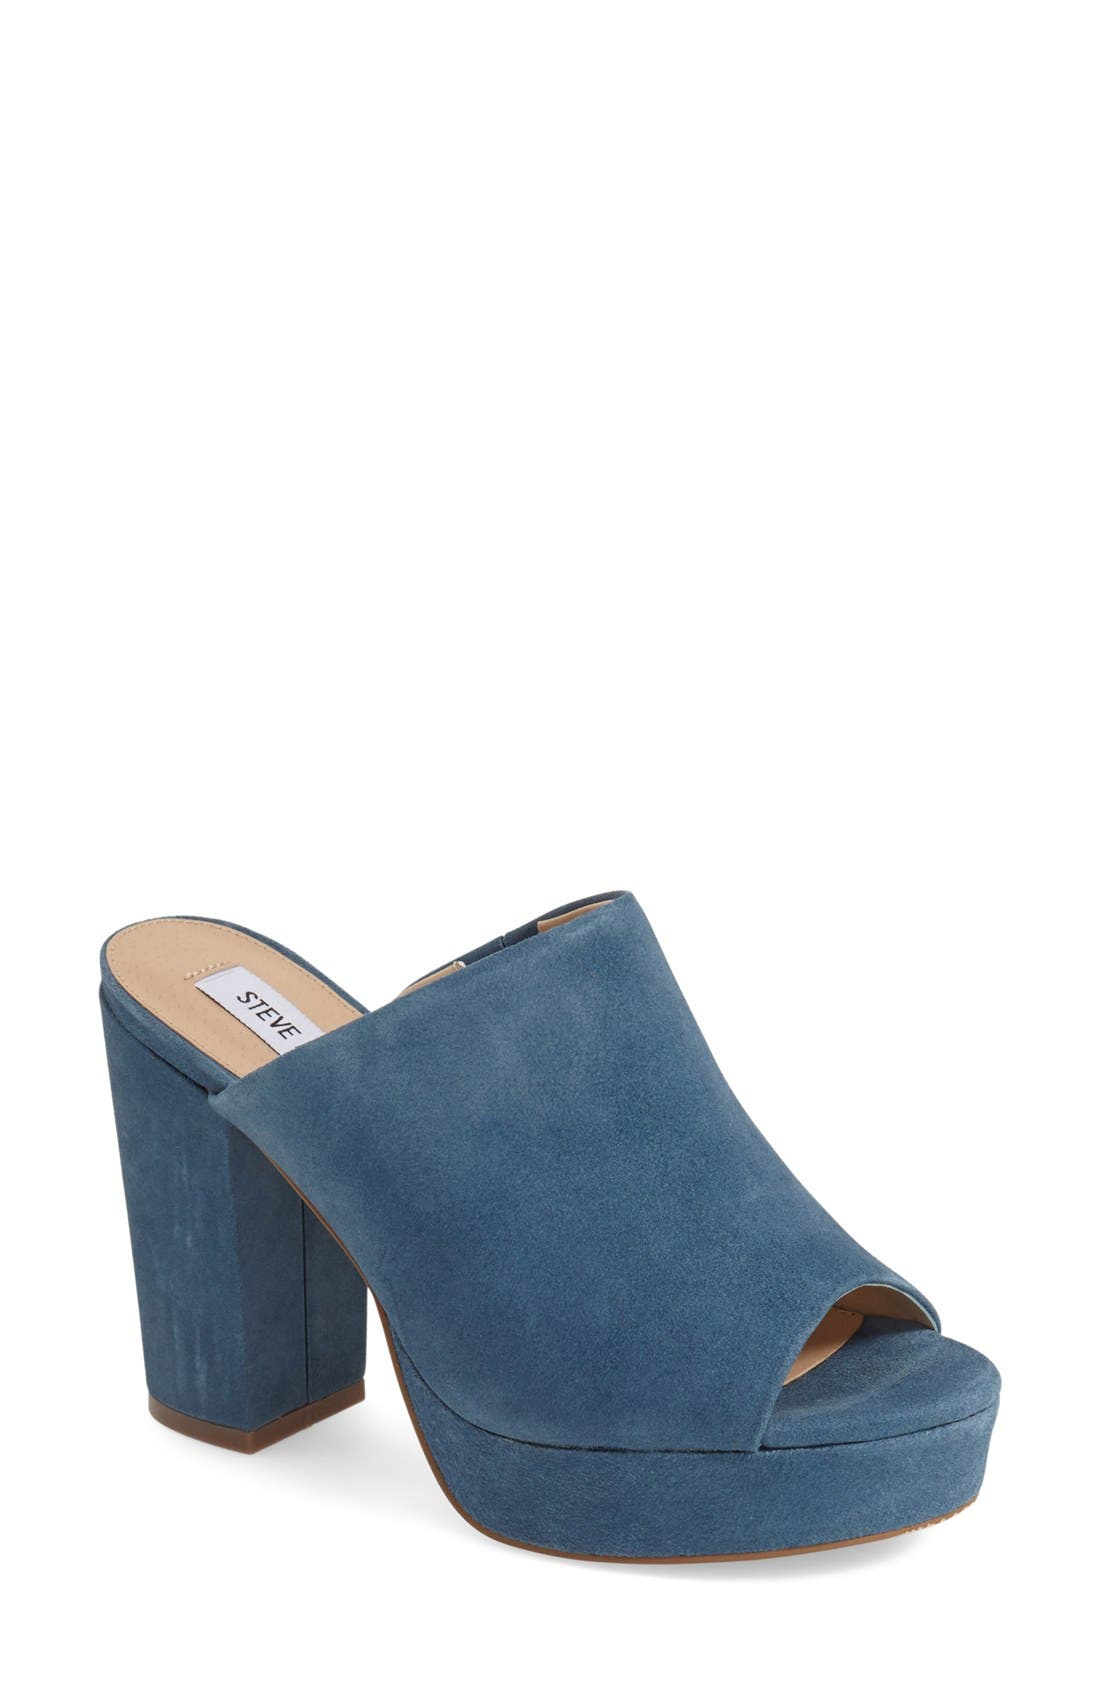 Main Image - Steve Madden 'Stonnes' Platform Sandal (Women)